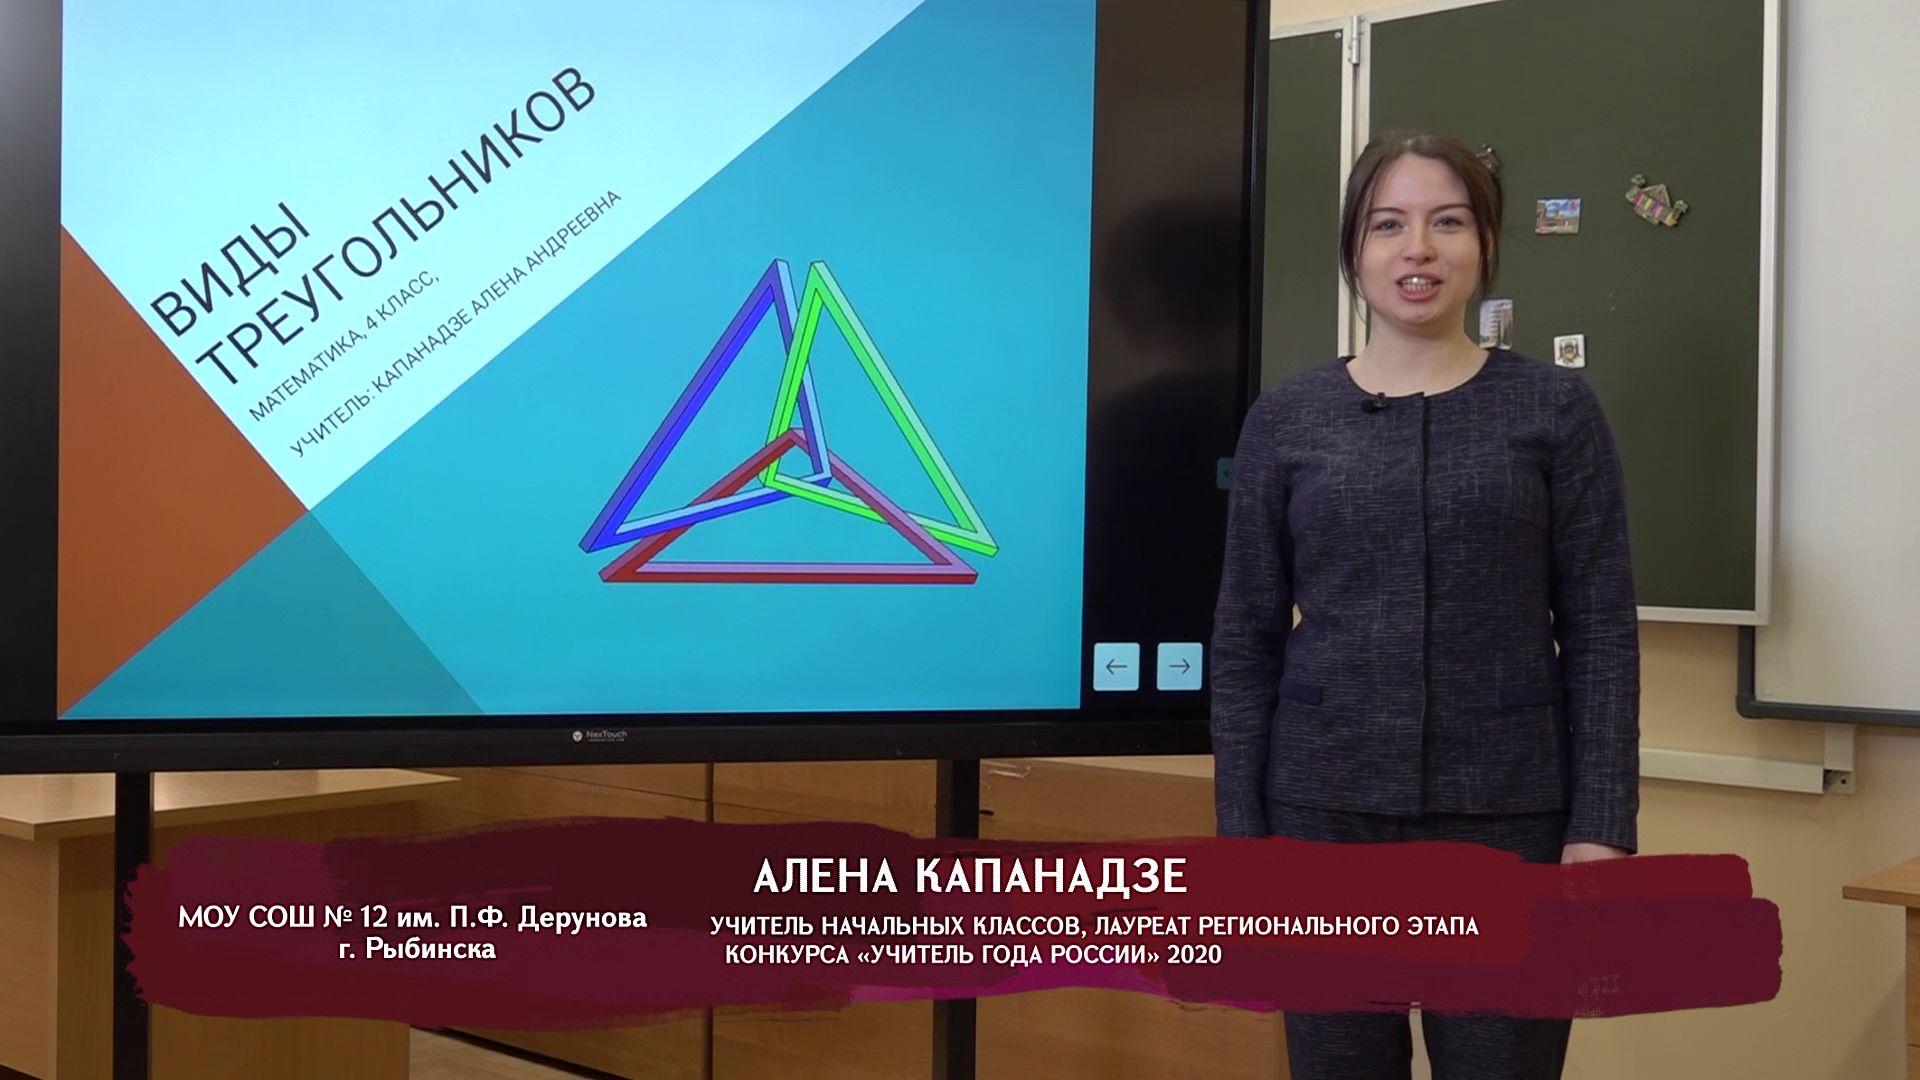 Телеуроки. Алена Капанадзе. «Виды треугольников»